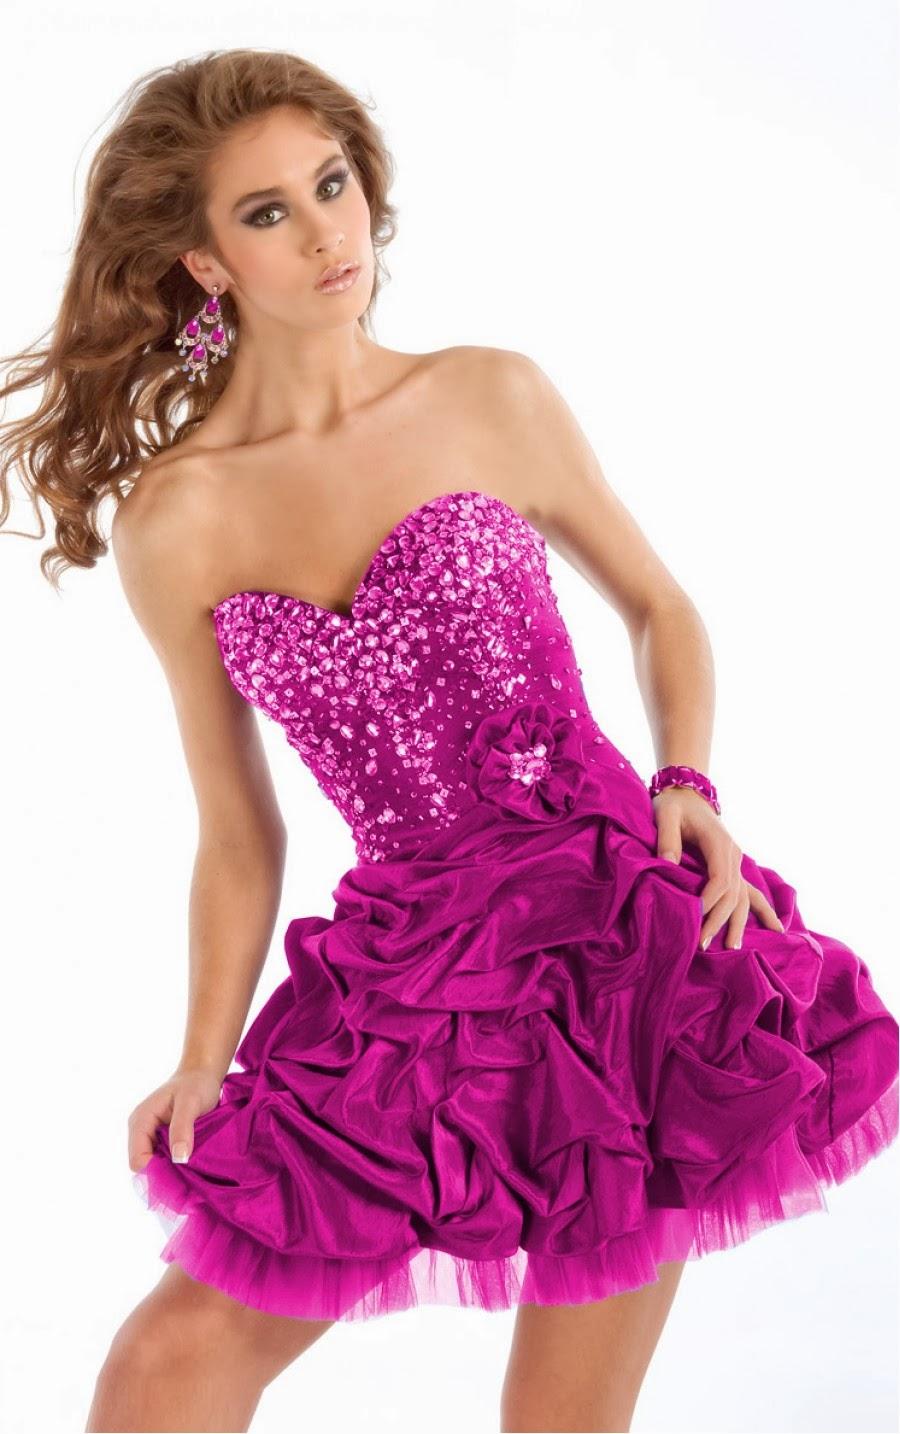 Asombroso Vestidos De Fiesta Chique Embellecimiento - Ideas de ...